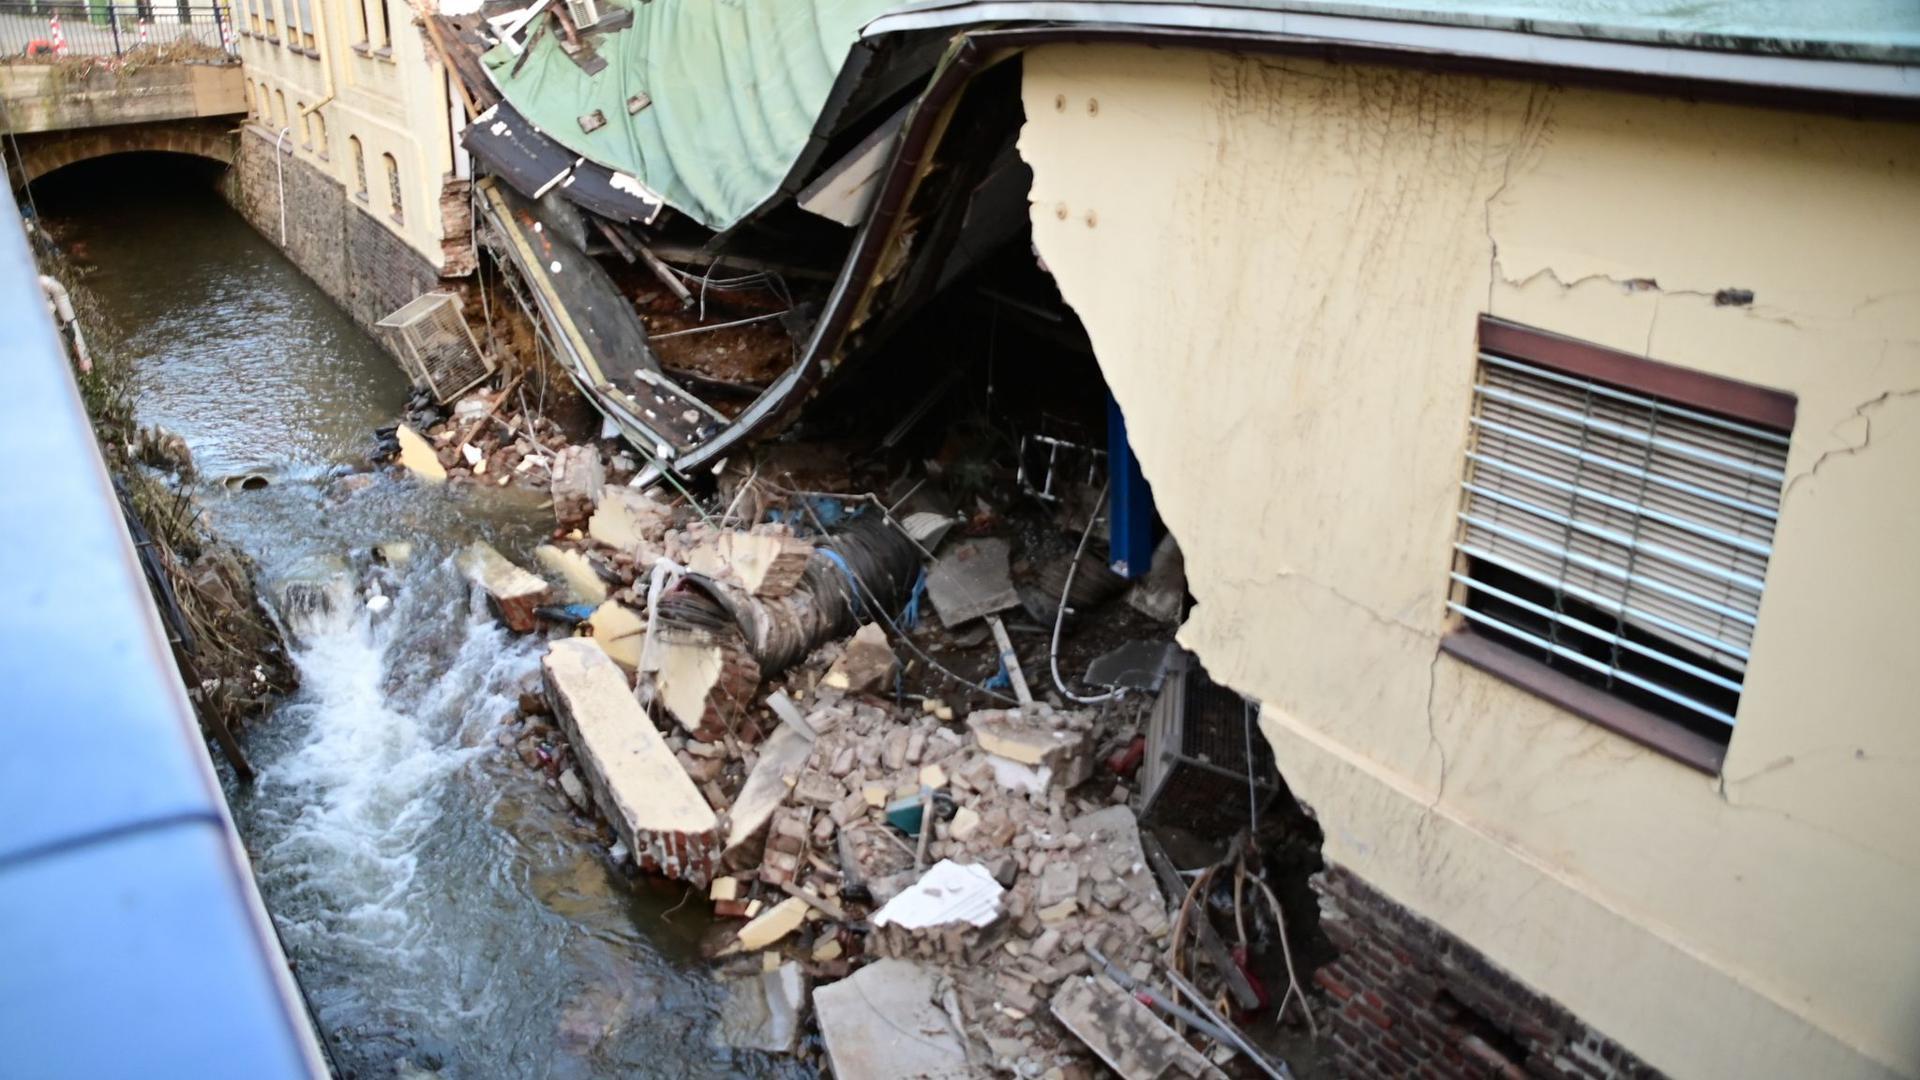 Eine ganze Hausfassade wurde durch die Fluten des Nahmerbach in Hagen herausgespült. Im weiteren Verlauf stürzte das Dach in Teilen ein.